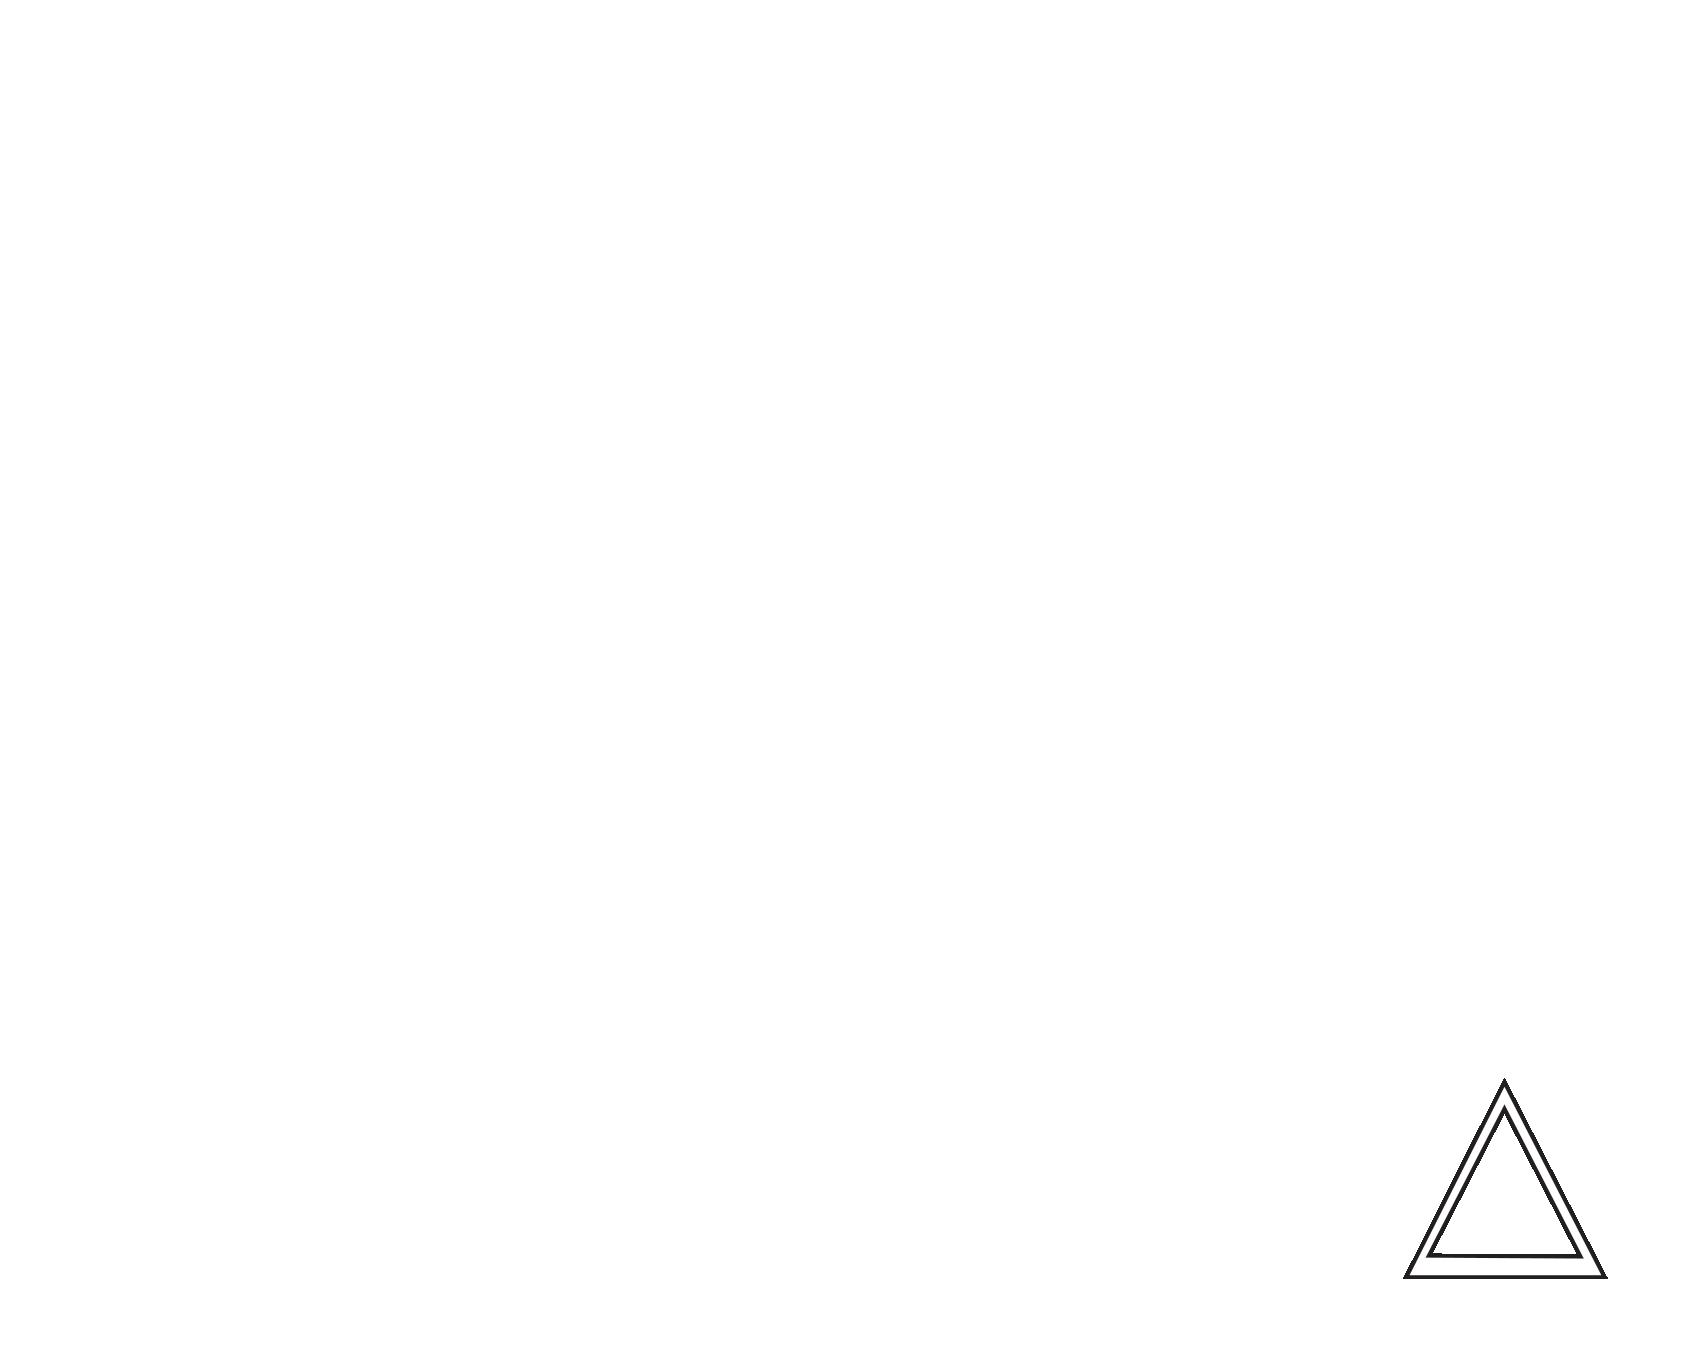 WLGT Logos